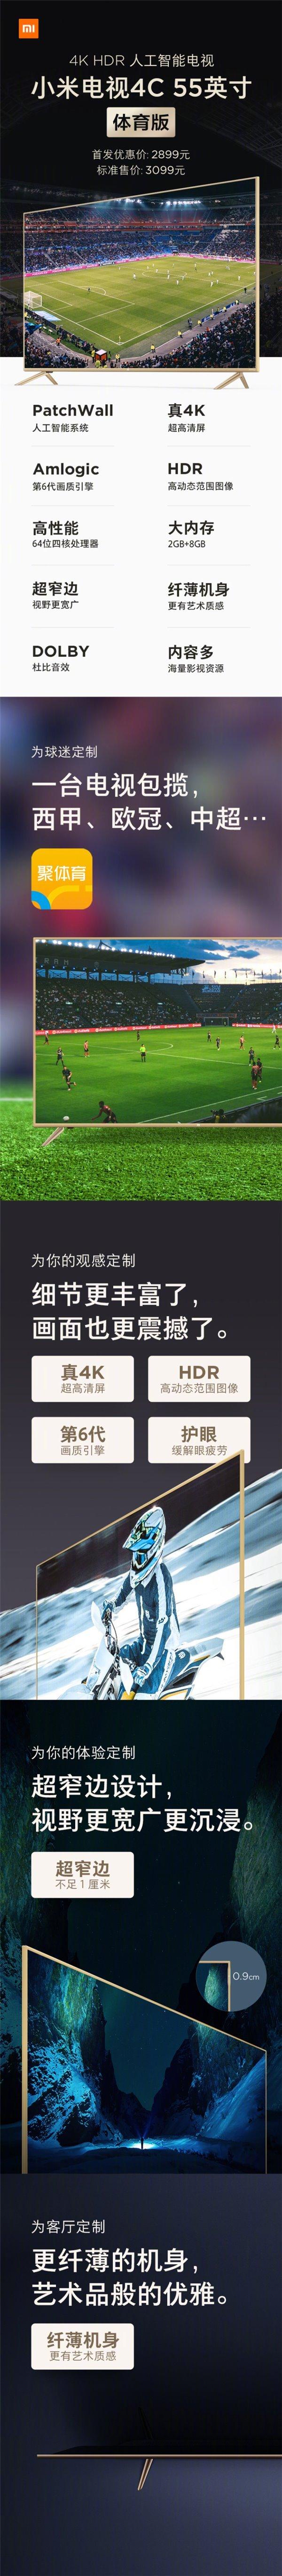 小米电视4C 55英寸体育版发布:2899元的照片 - 2